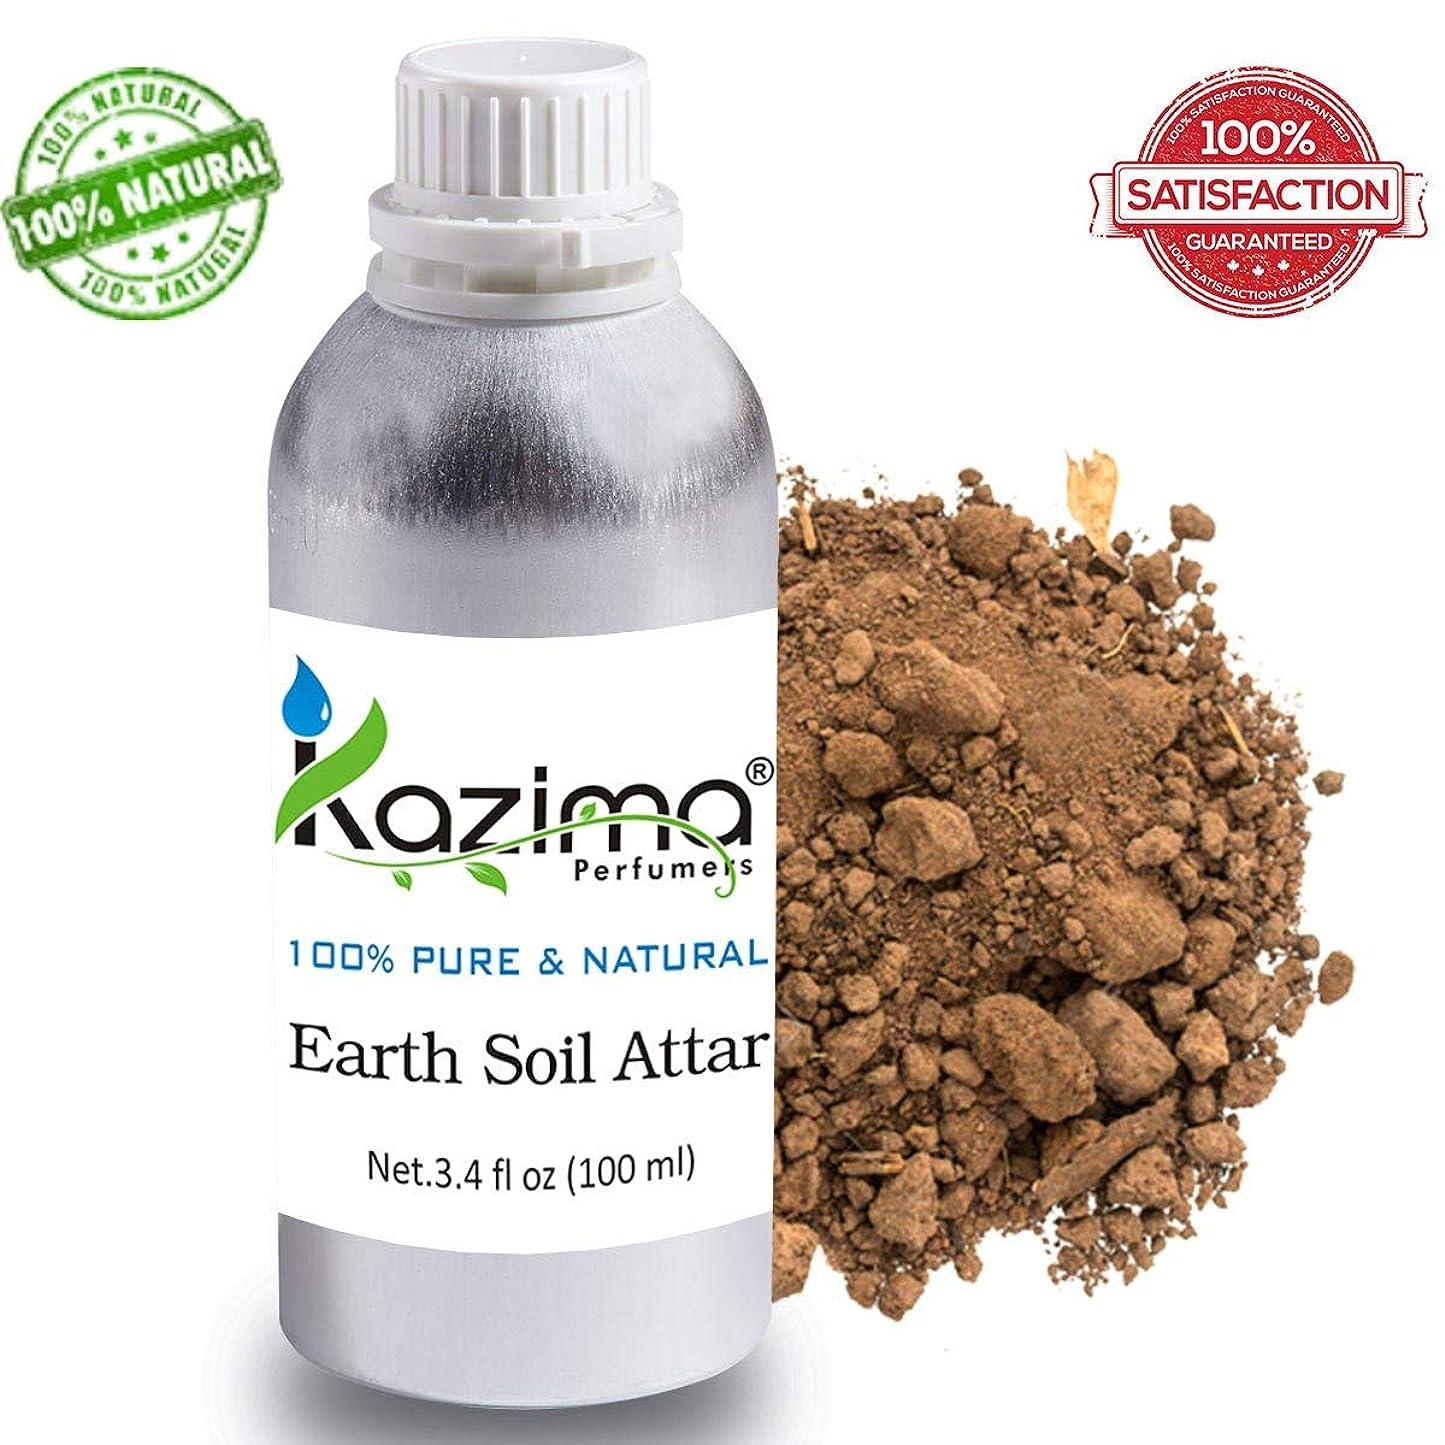 音節致死尊敬地球の土壌アター香水 - ピュアナチュラル原液(100ミリリットル)|アターITRA最高品質の香水はアターを持続長いスプレー